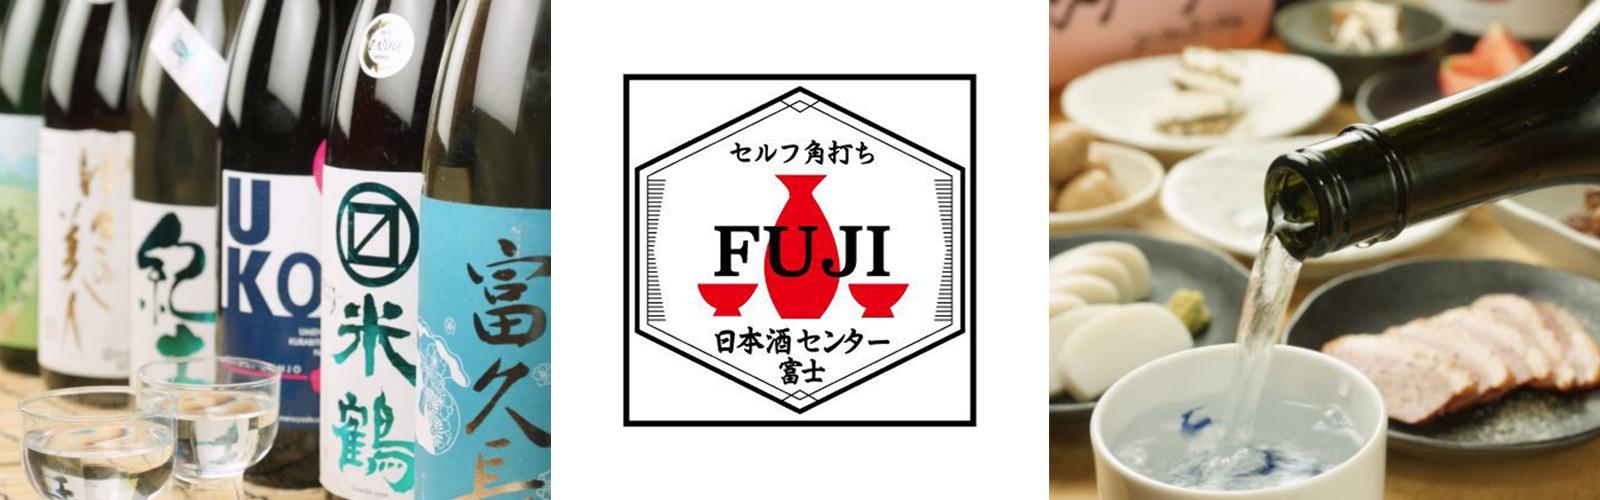 セルフ角打ち 日本酒センター富士(大阪・日本橋)